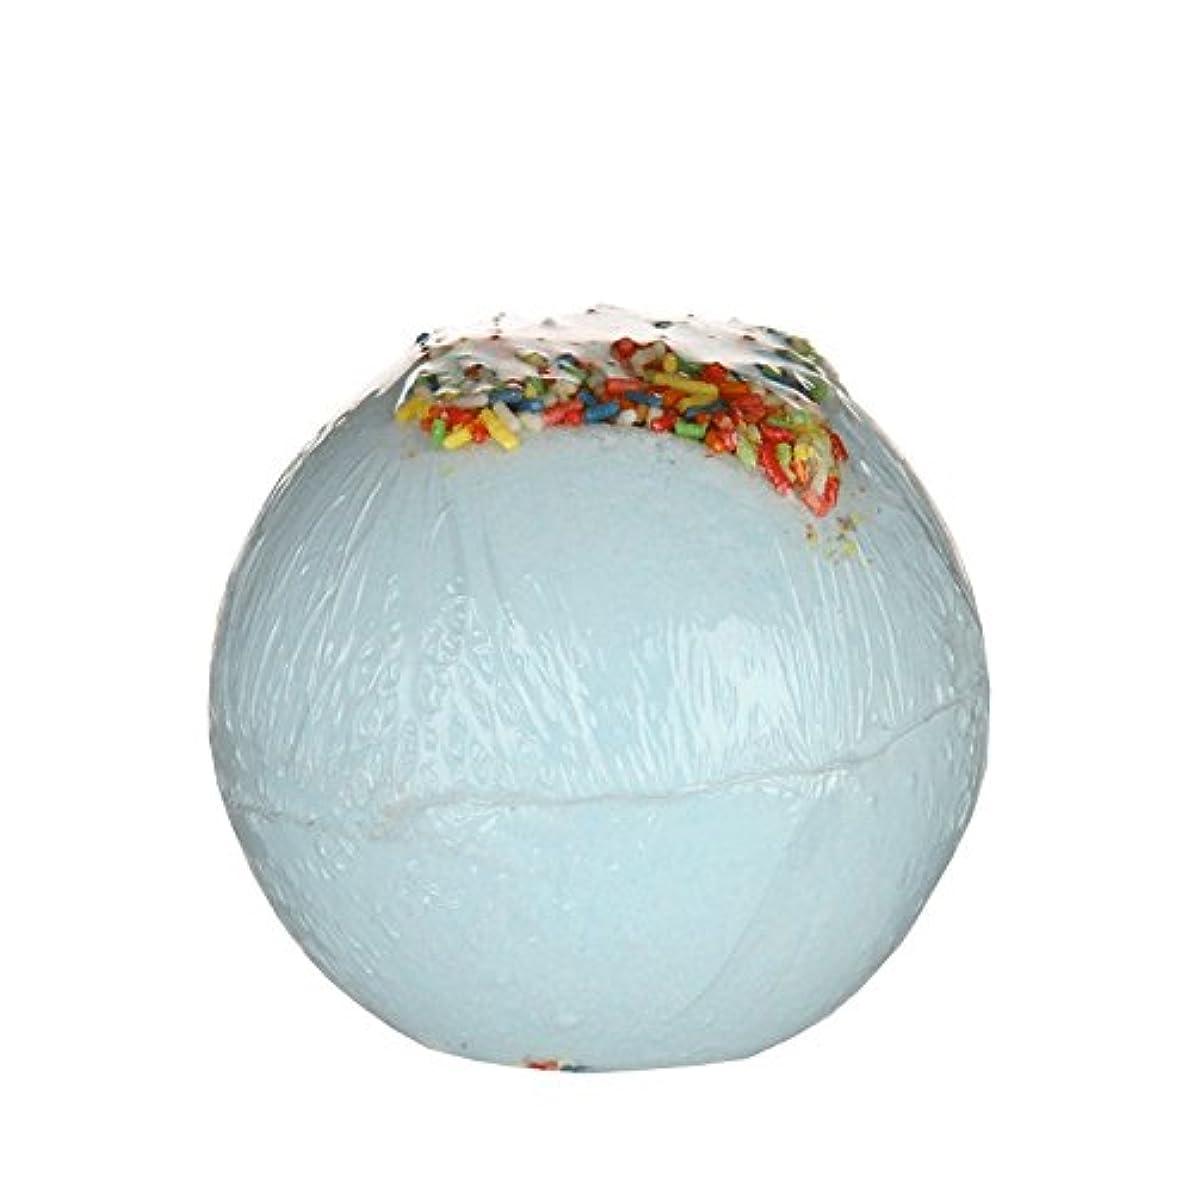 近似式化学薬品Treetsバスボールディスコバス170グラム - Treets Bath Ball Disco Bath 170g (Treets) [並行輸入品]